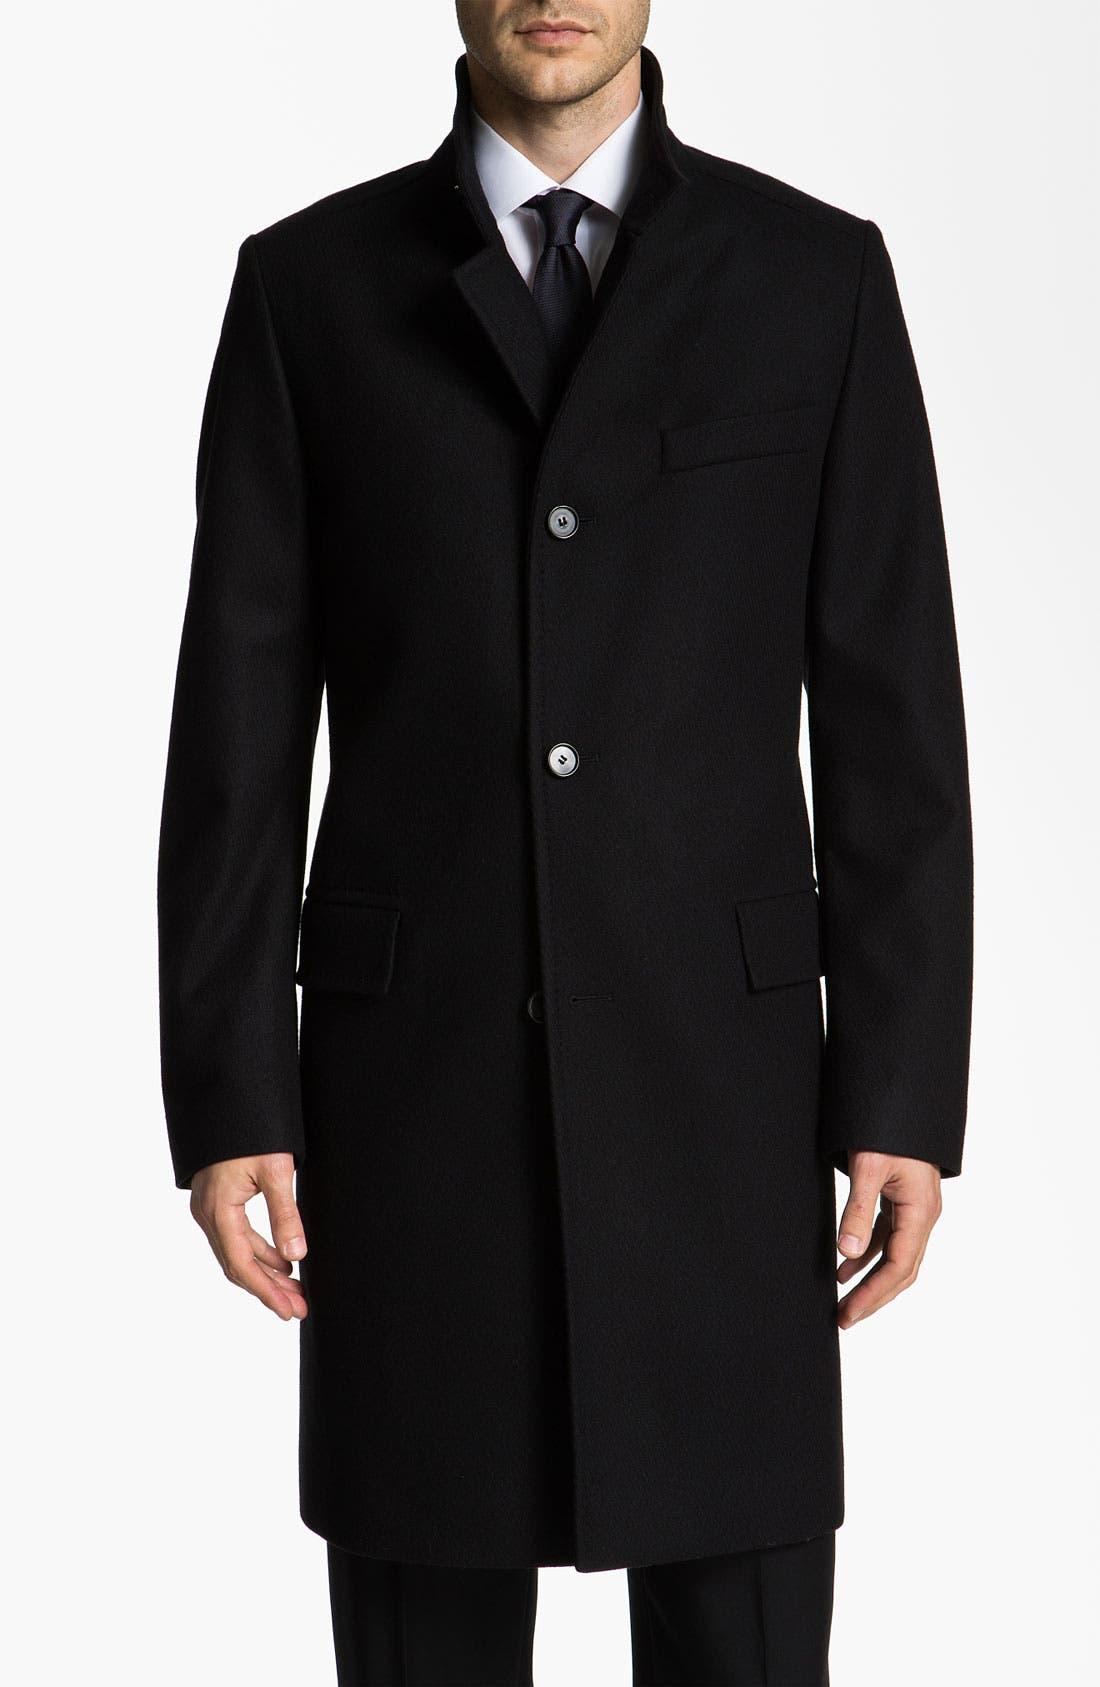 Main Image - BOSS Black 'Sintrax' Top Coat